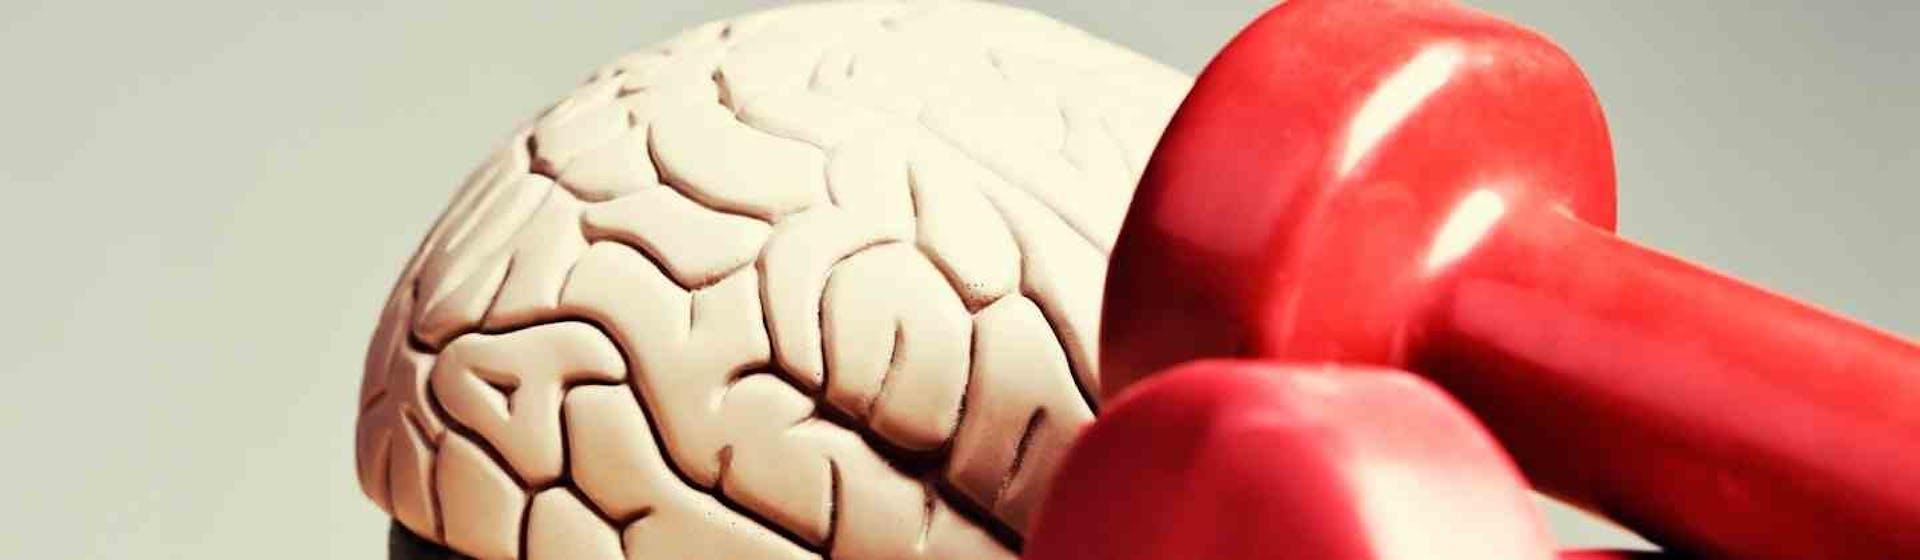 Preguntas de pensamiento lateral: 10 ejercicios que le sacarán músculos a tu mente